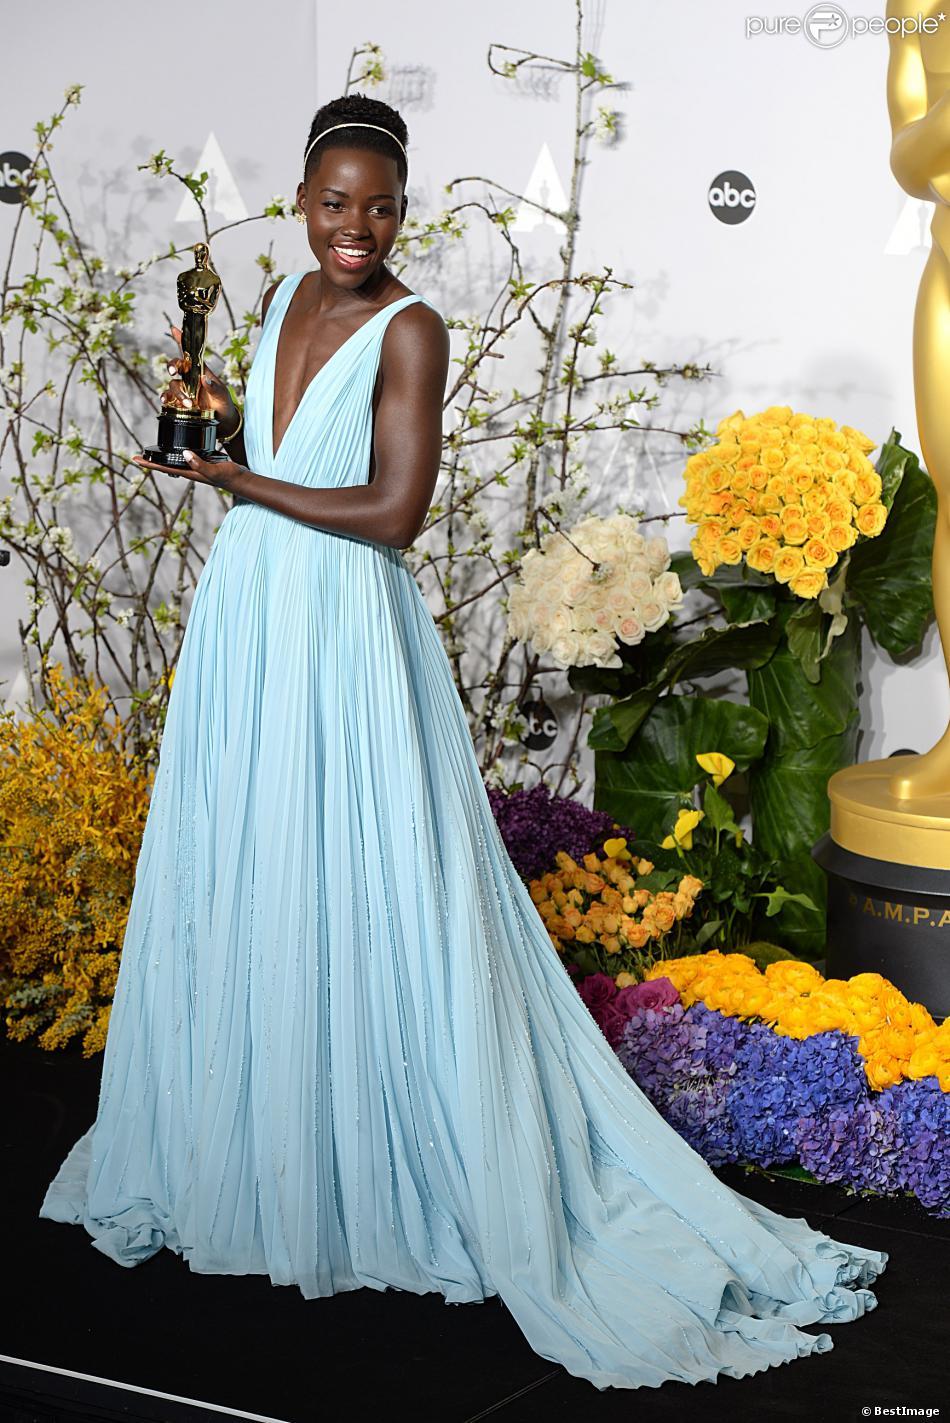 Lupita Nyong'o et son Oscar du meilleur second rôle pour 12 Years a Slave, le 2 mars 2014